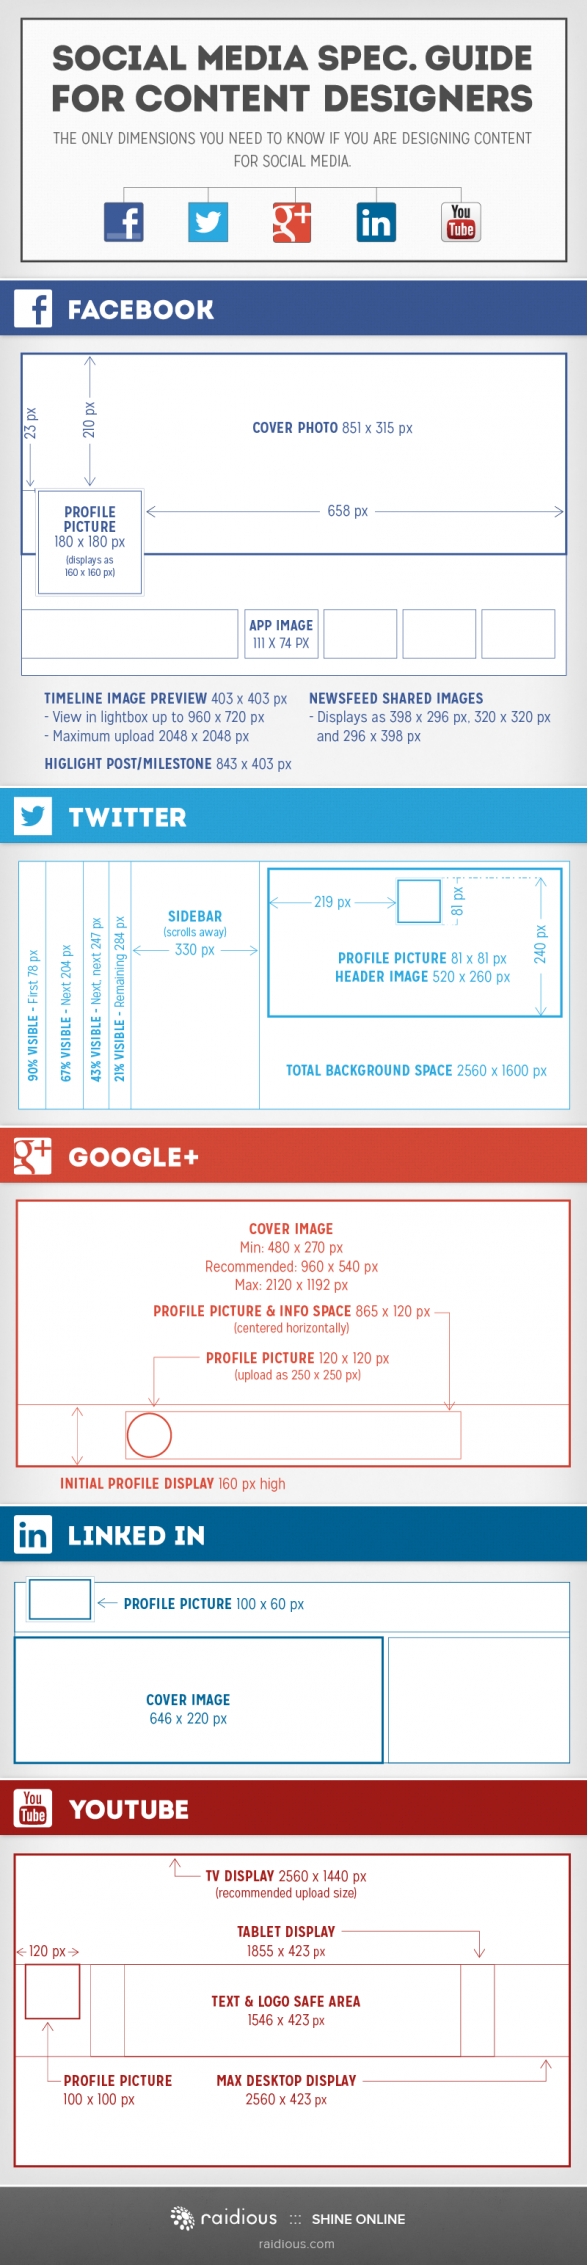 Social media specification guide